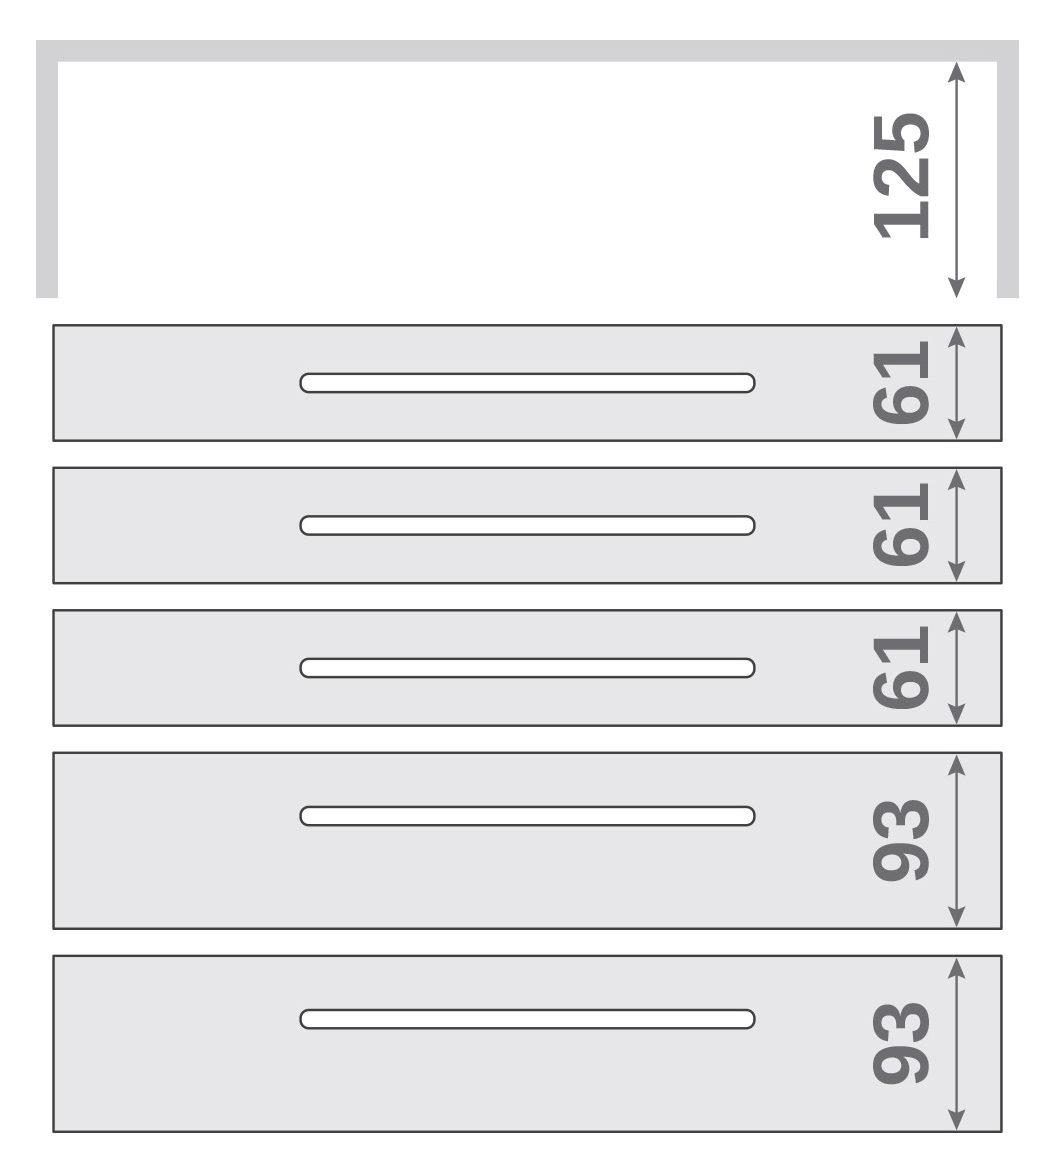 ПАНОК-СОЛО 500 long з полицею (каталожний номер 8.1-8.6), Каталожний номер 8.6